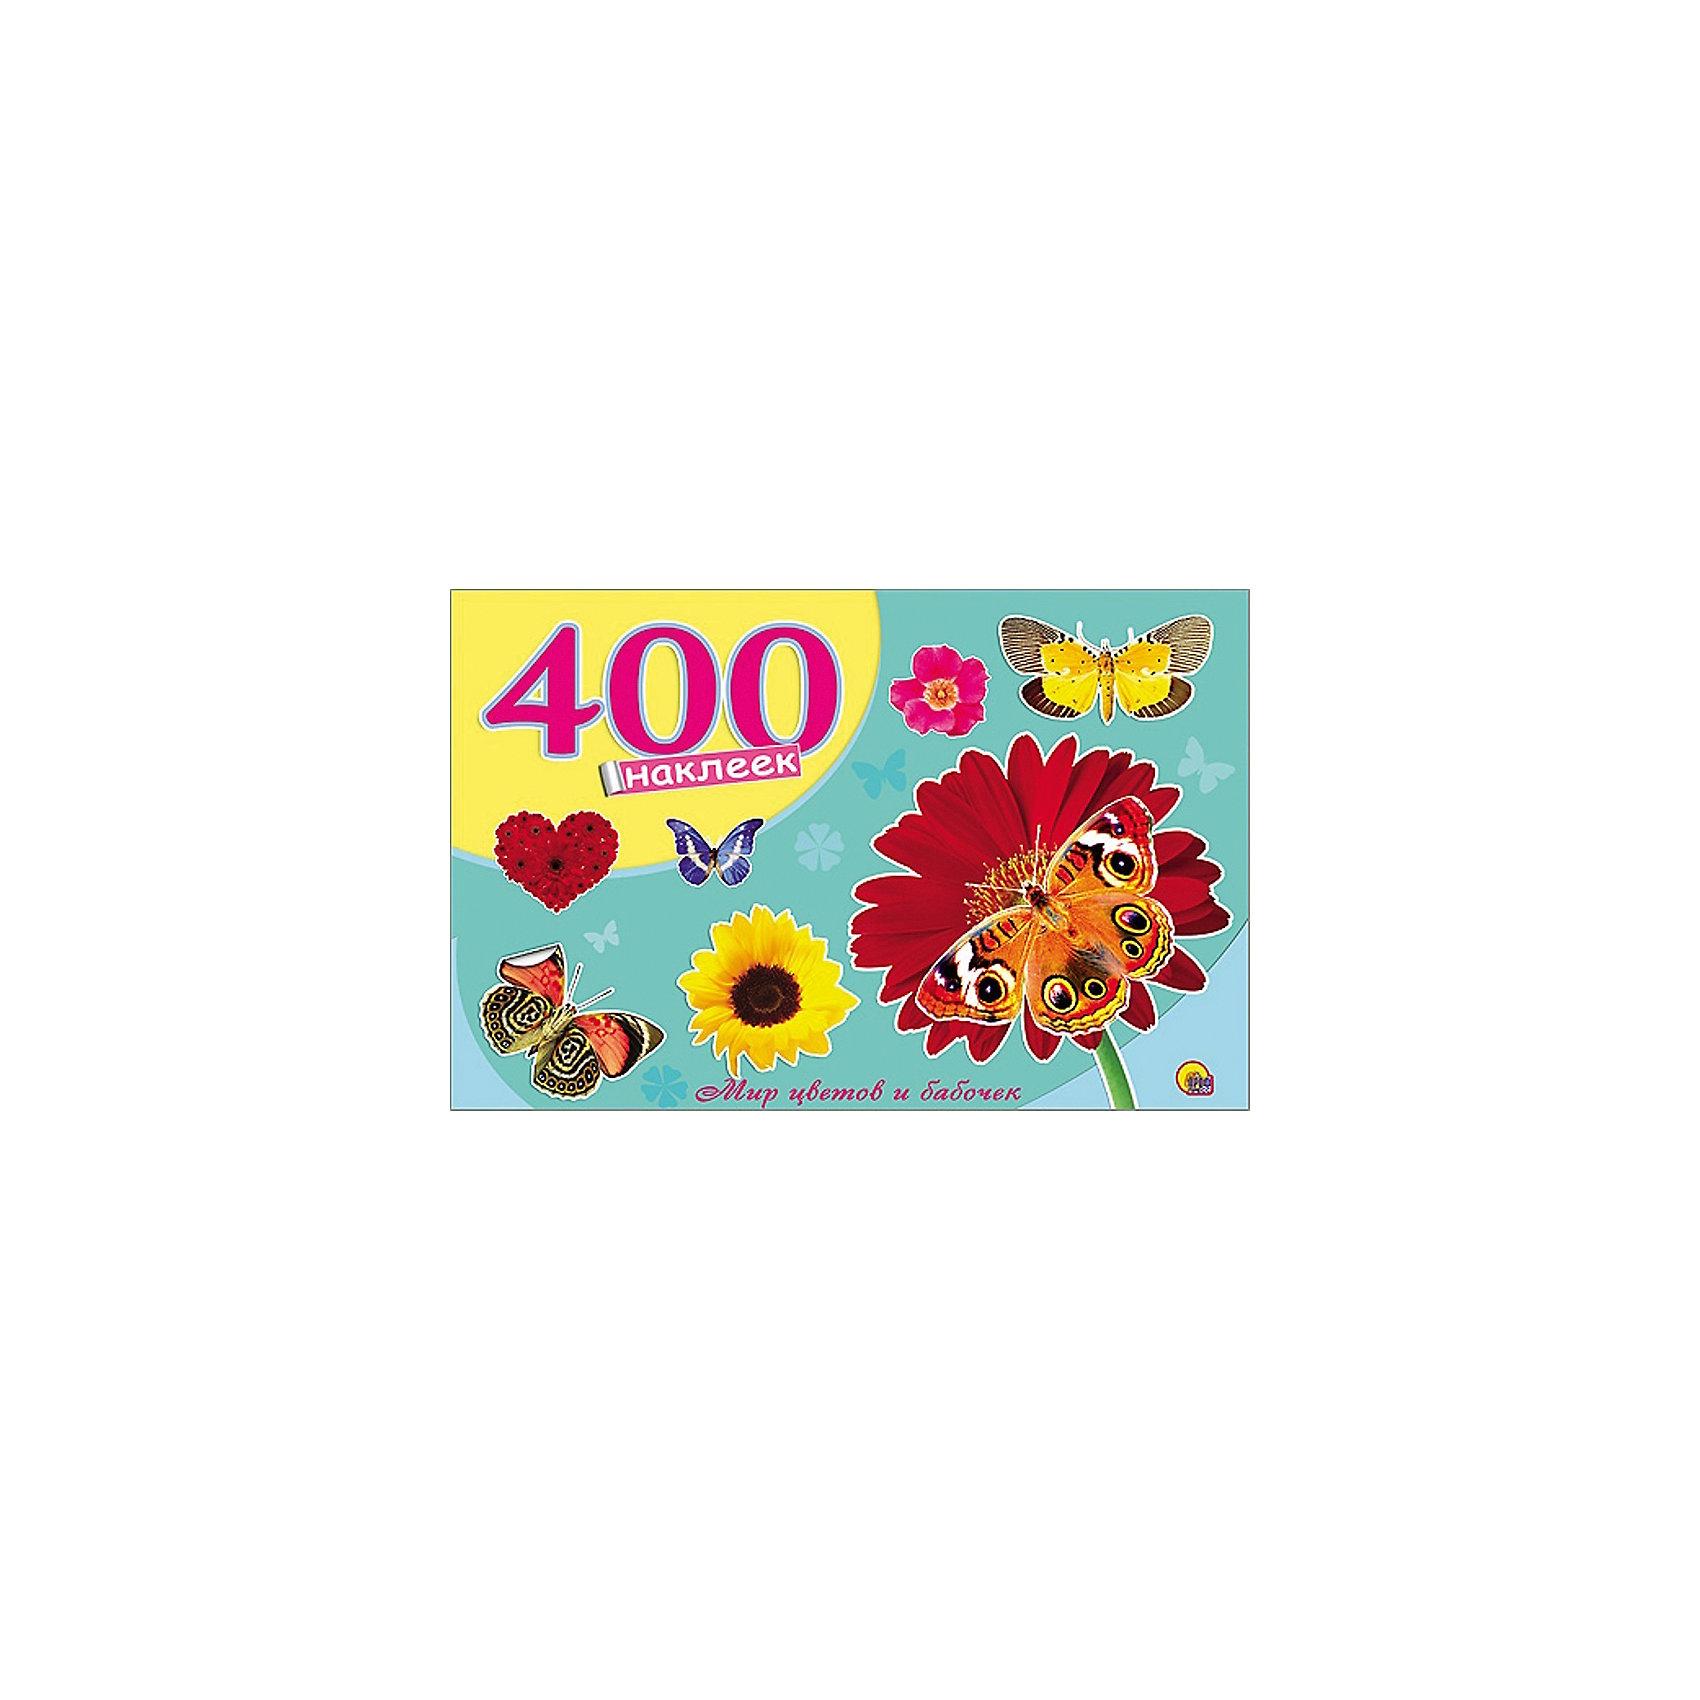 400 наклеек Мир цветов и бабочекТворчество для малышей<br>Игры с наклейками помогают детям познавать мир и учиться многим вещам, также альбомы позволяют ребенку весело проводить время. Эти издания также стимулируют развитие воображения, логики и творческого мышления.<br>Данный альбом содержит наклейки,  с помощью которых ребенок может узнавать много нового! Выбирать понравившуюся и переклеивать. Яркие наклейки обязательно понравятся малышам!<br>  <br>Дополнительная информация:<br><br>страниц: 6; <br>размер:  295x205 мм;<br>вес: 155 г.<br><br>400 наклеек Мир цветов и бабочек от издательства Проф-Пресс можно купить в нашем магазине.<br><br>Ширина мм: 295<br>Глубина мм: 5<br>Высота мм: 200<br>Вес г: 155<br>Возраст от месяцев: 24<br>Возраст до месяцев: 96<br>Пол: Унисекс<br>Возраст: Детский<br>SKU: 4787204